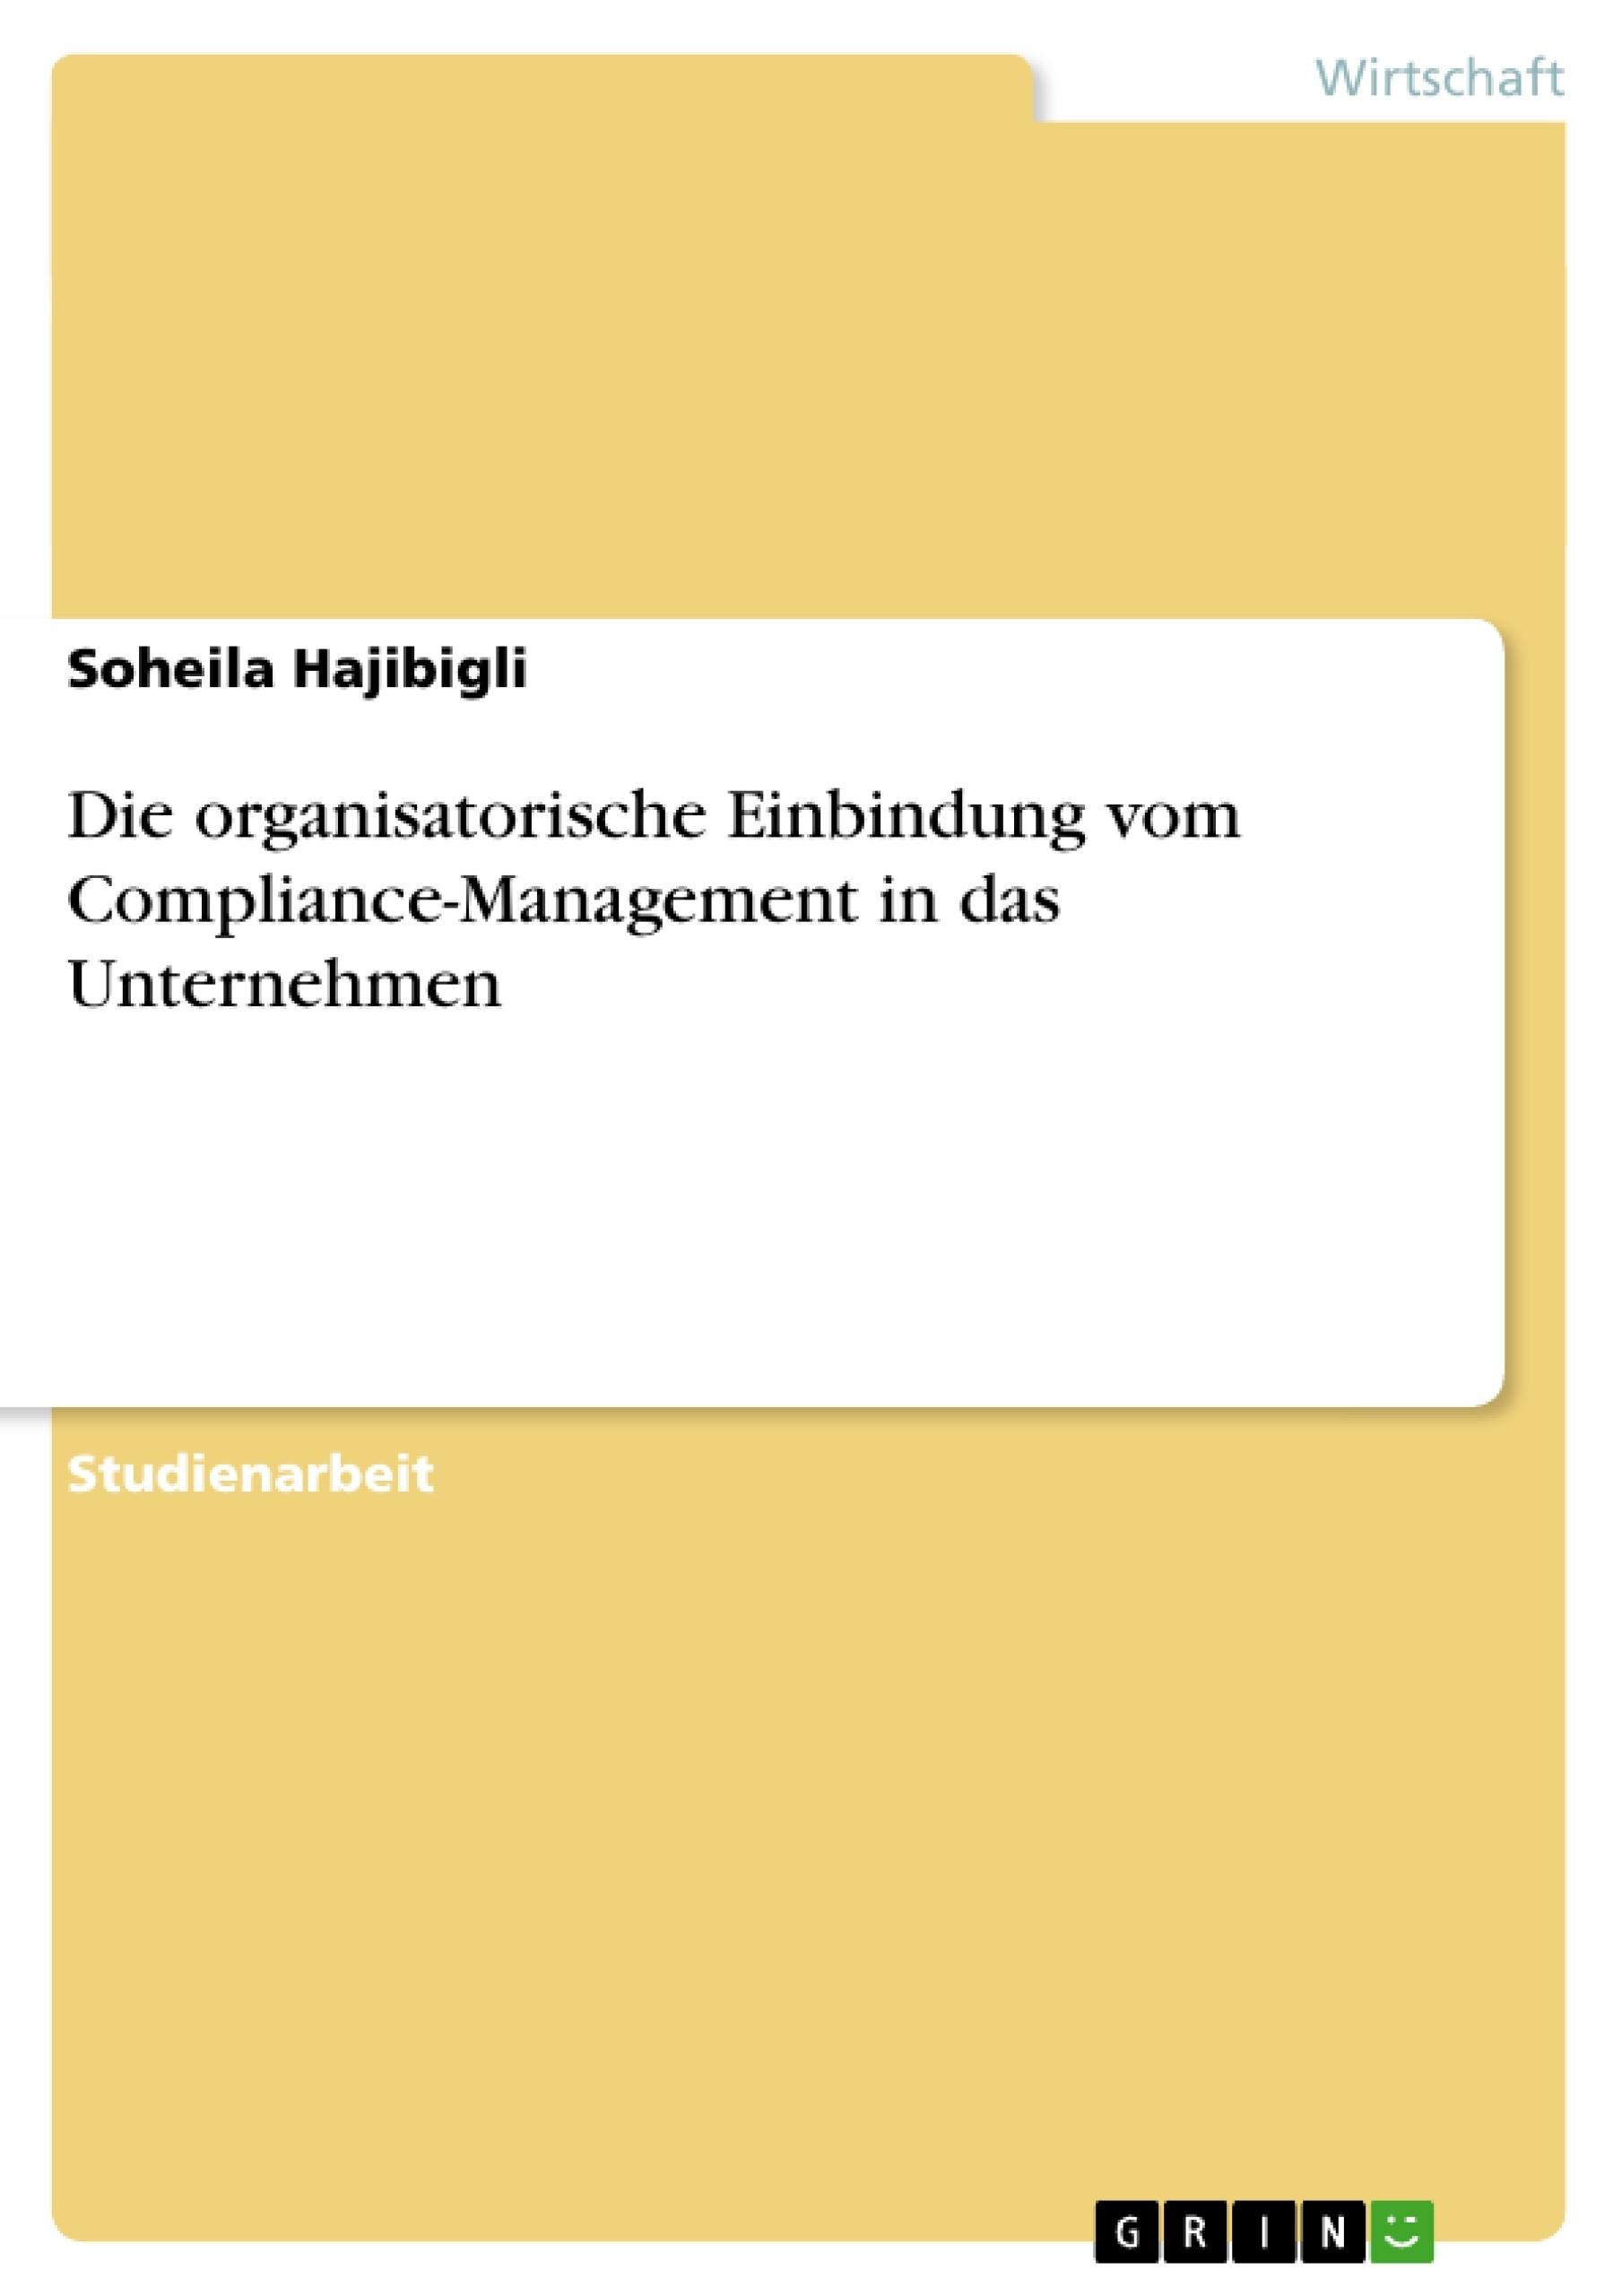 Titel: Die organisatorische Einbindung vom Compliance-Management in das Unternehmen